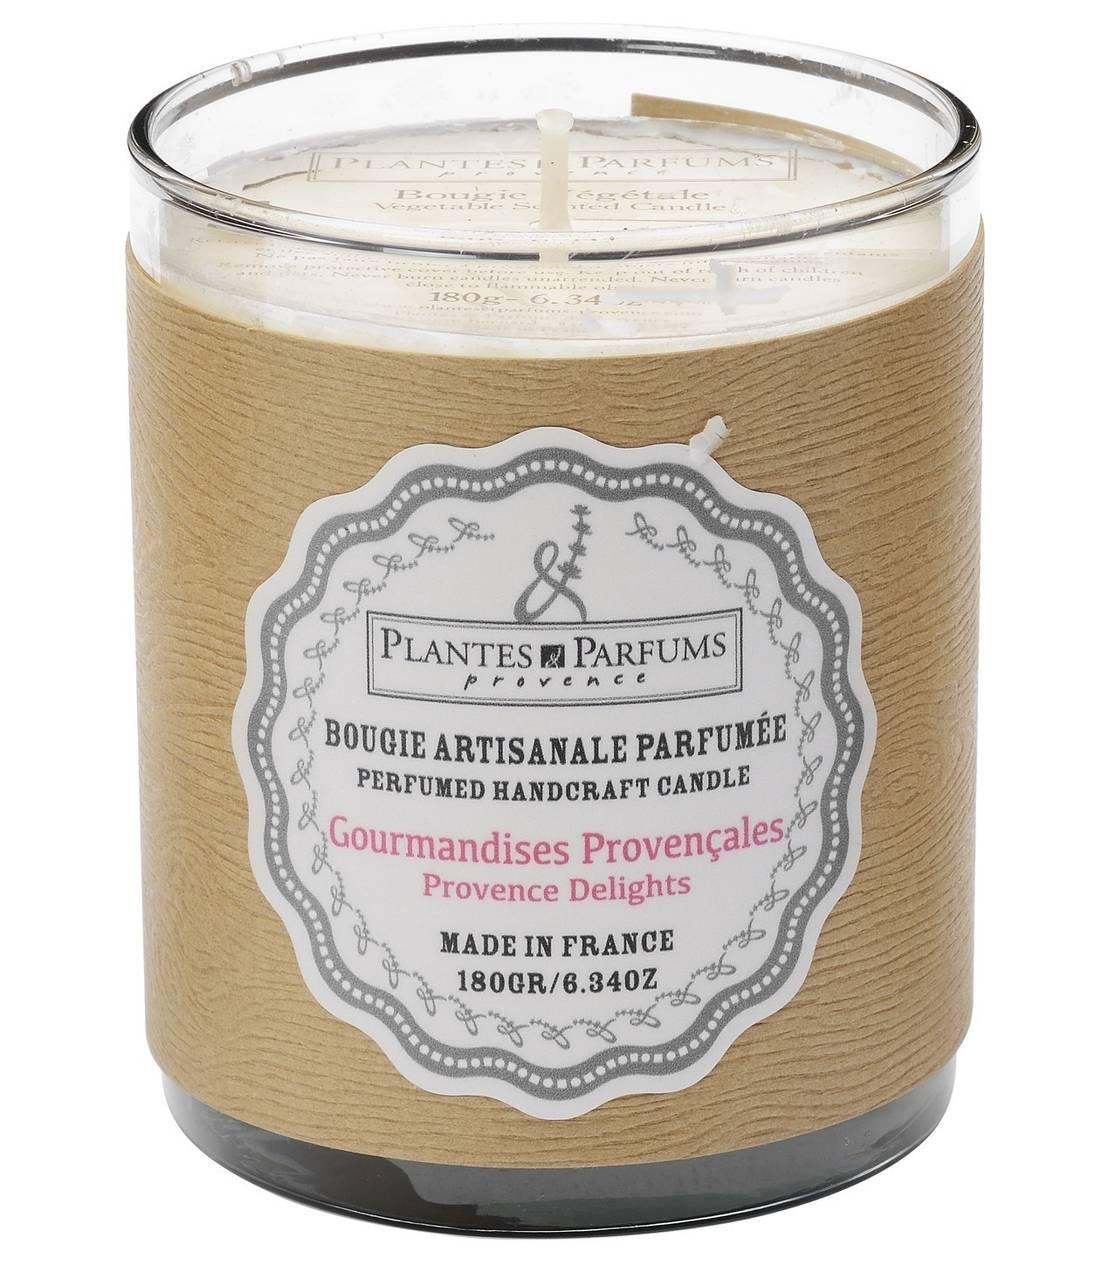 bougies artisanales parfum es de plantes et parfums de provence homify. Black Bedroom Furniture Sets. Home Design Ideas